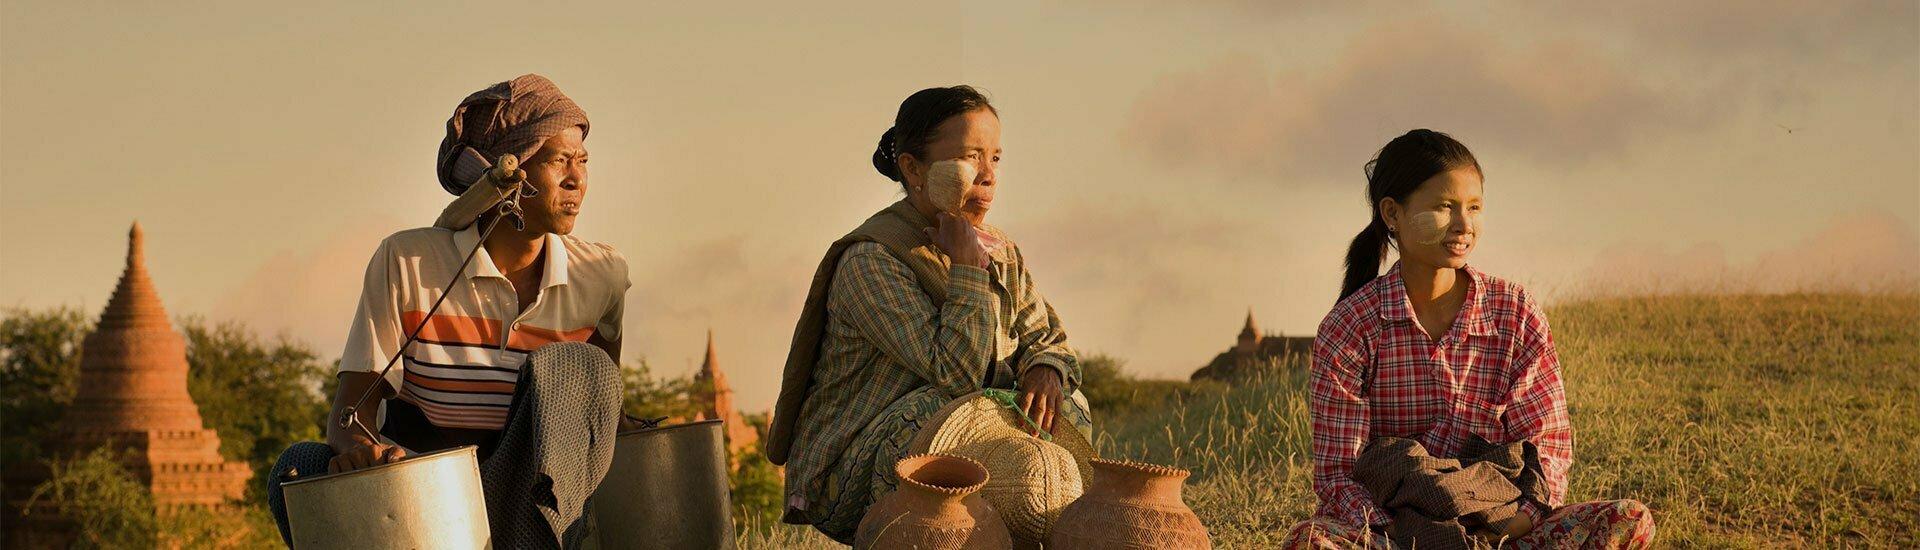 des birmans assis dans la campagne, Birmanie